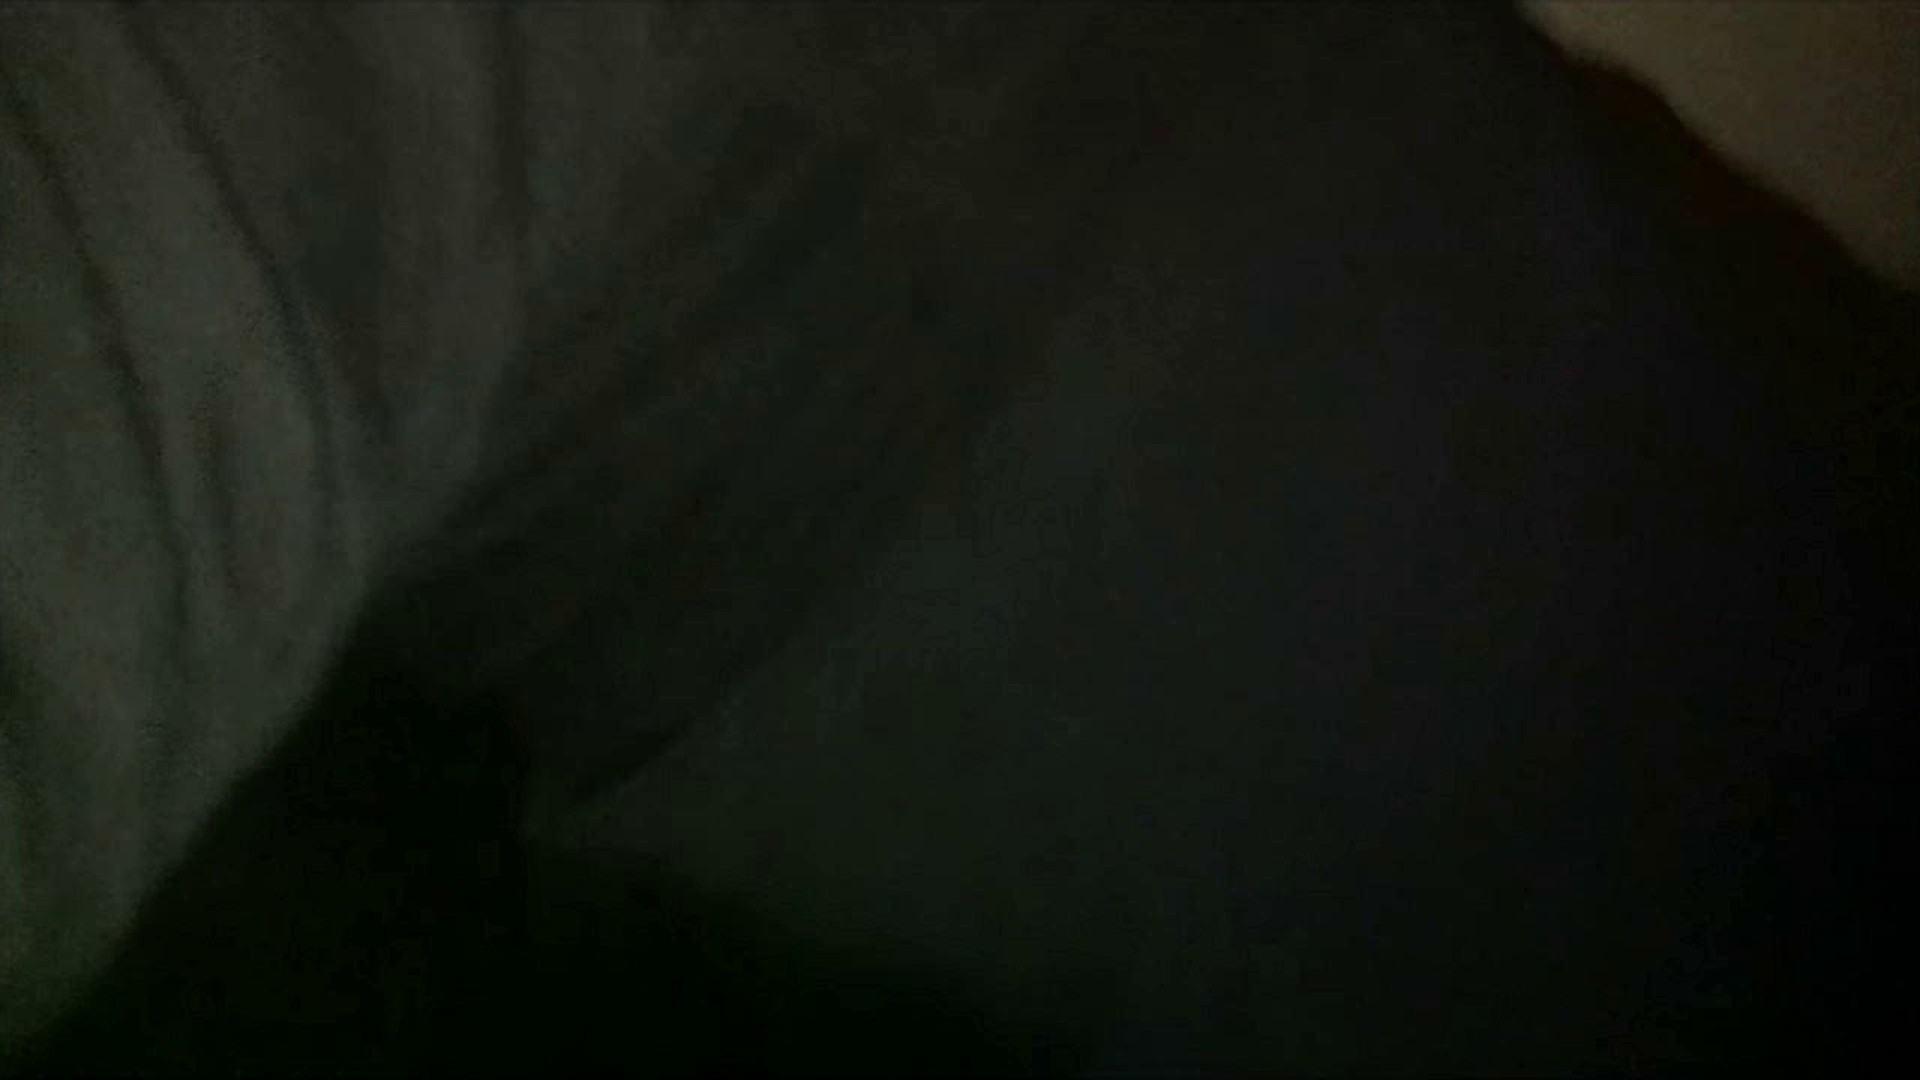 魔術師の お・も・て・な・し vol.19 25歳のキャリアウーマンにネットカフェイタズラ いやらしいOL 女性器鑑賞 70連発 22